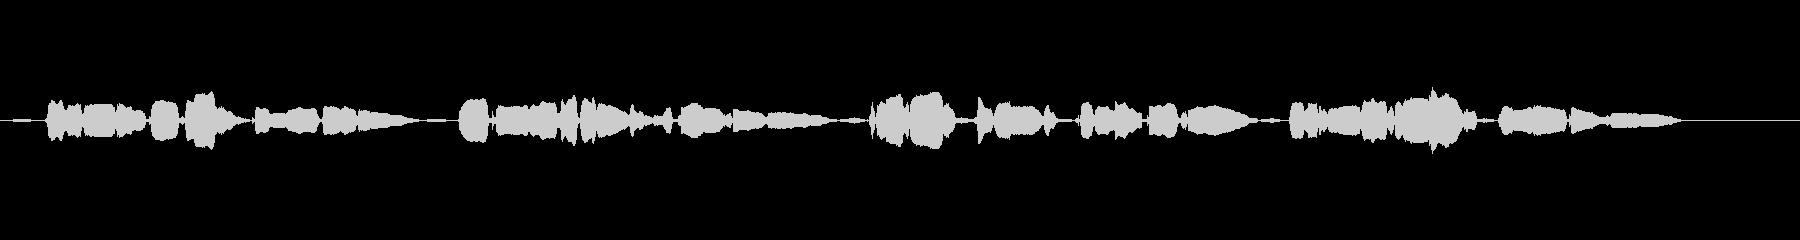 こいのぼり 繊細な癒し系ミストボイス の未再生の波形